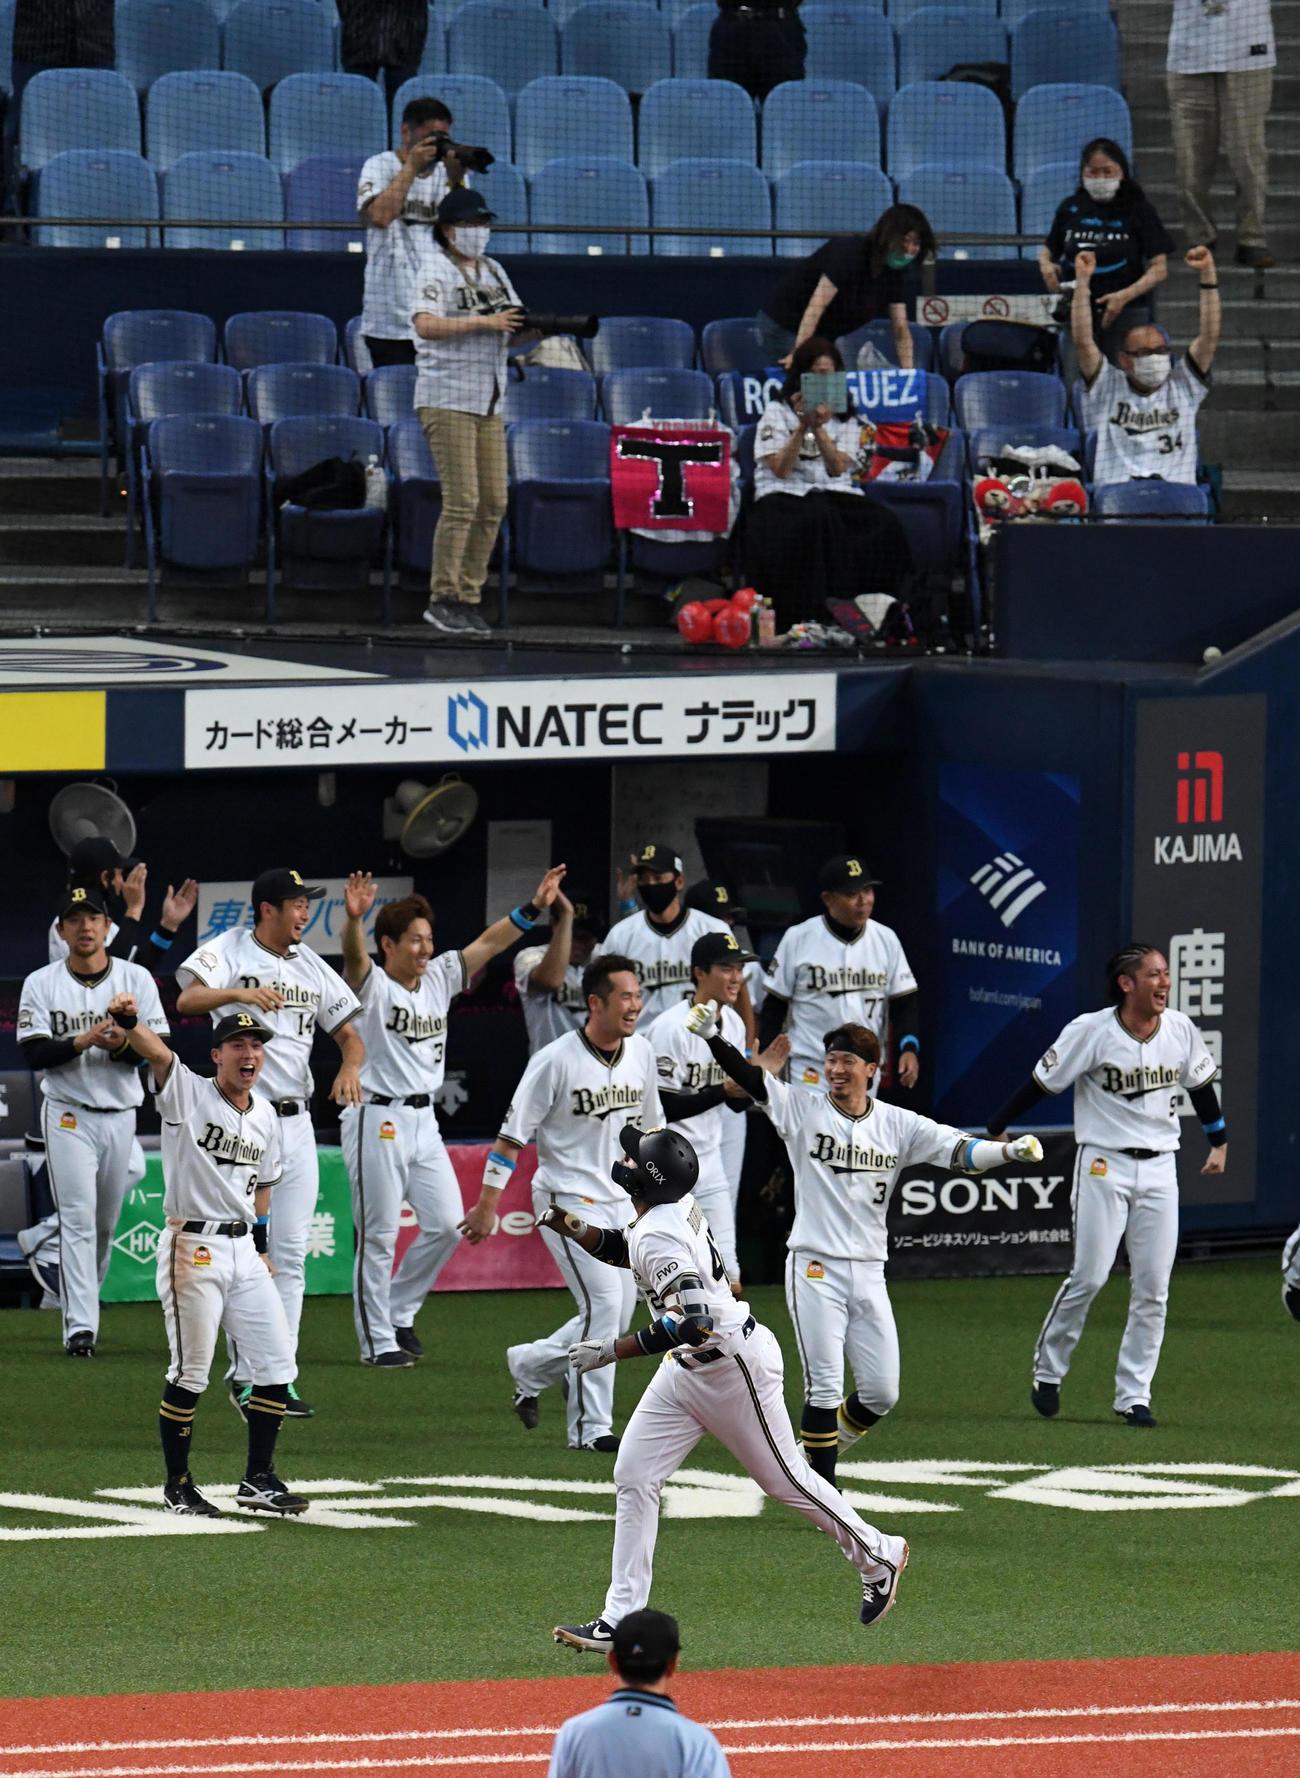 オリックス対日本ハム 9回裏オリックス2死一、二塁、左越えサヨナラ3点本塁打を放ち喜ぶロドリゲスとナインとファン(撮影・前岡正明)